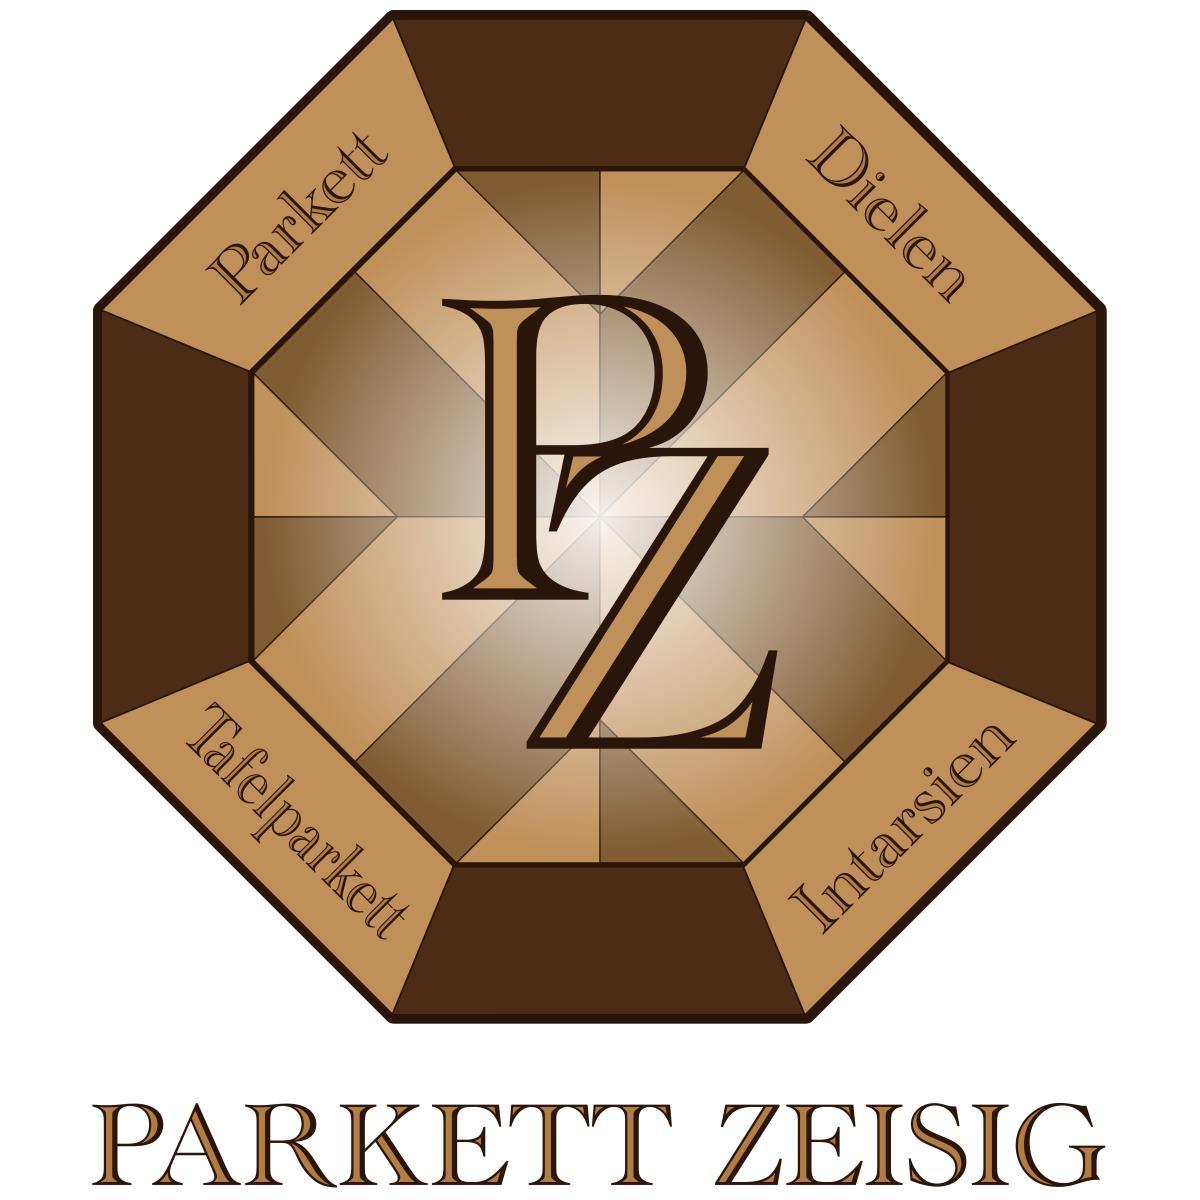 Parkettleger Dresden parkett zeisig fussbodenleger parkettleger in dresden bühlau